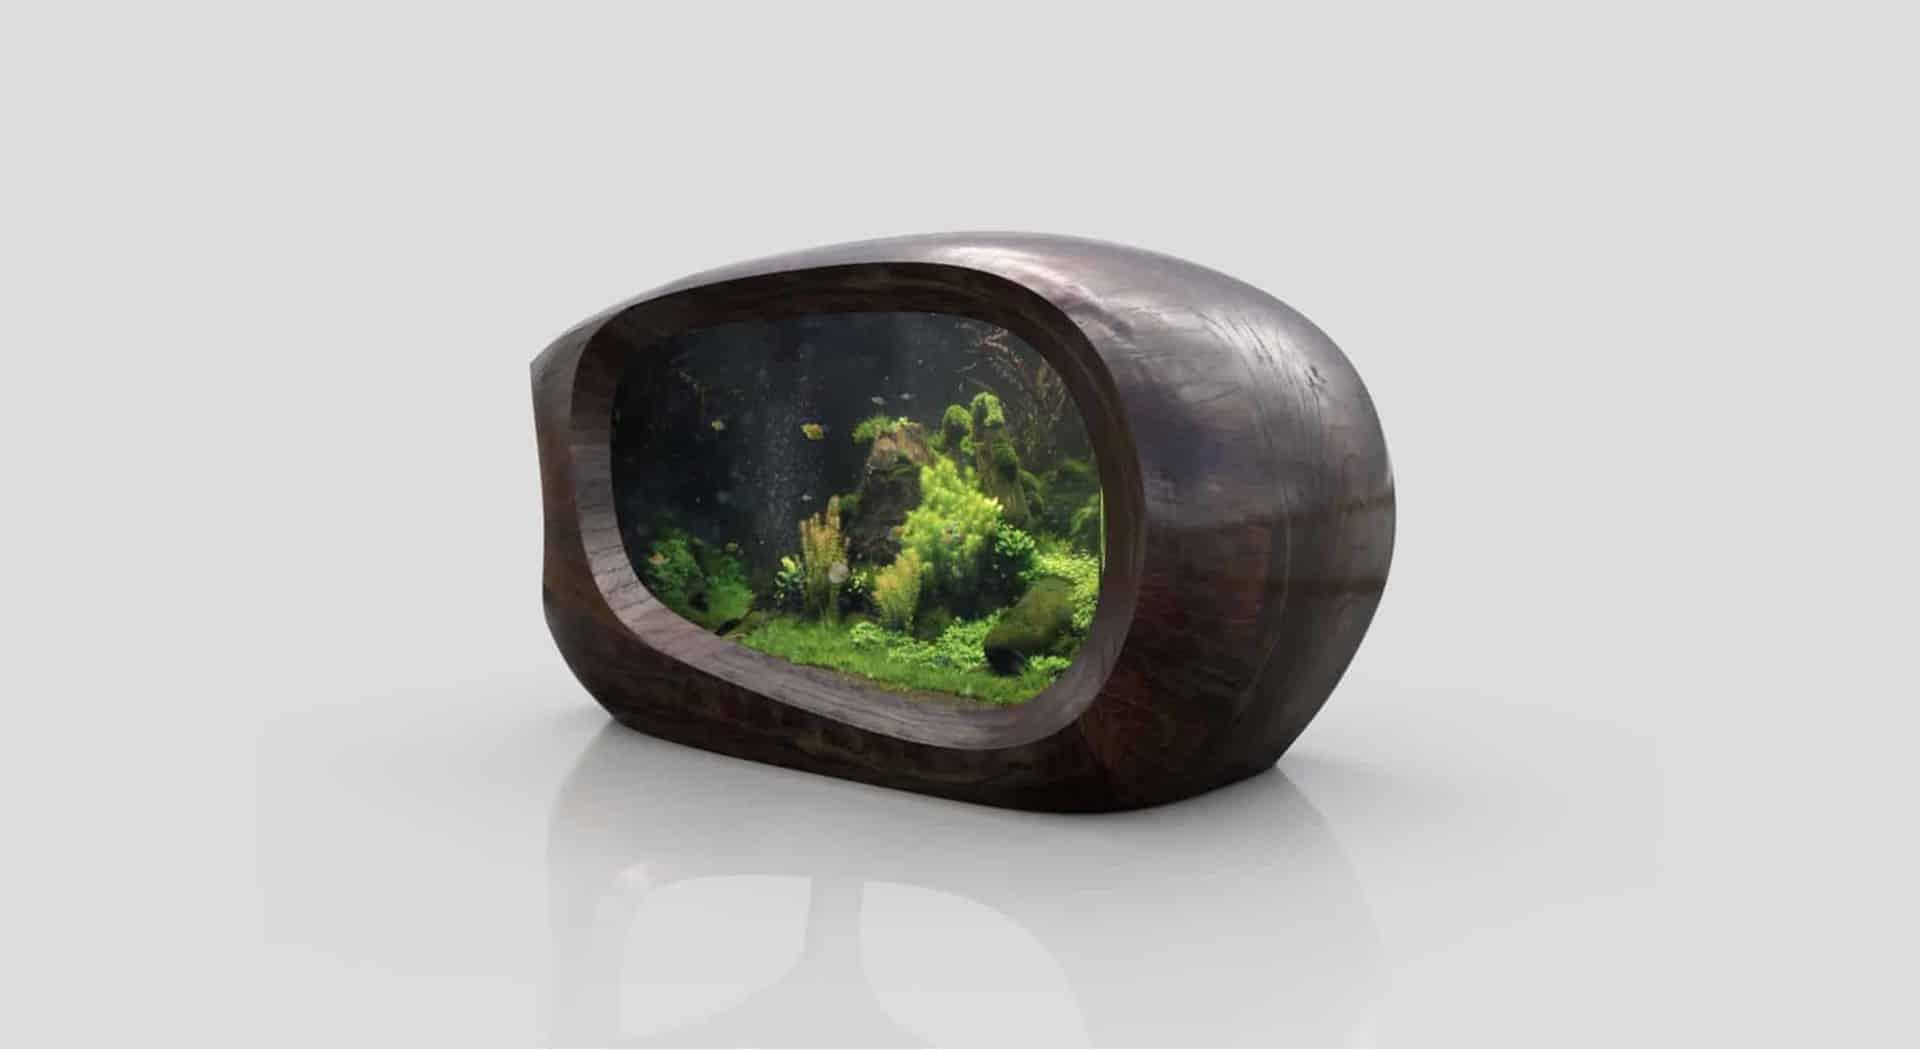 176 Was macht ein Aquarium zu einem Kunstobjekt? (David Nimke) 4